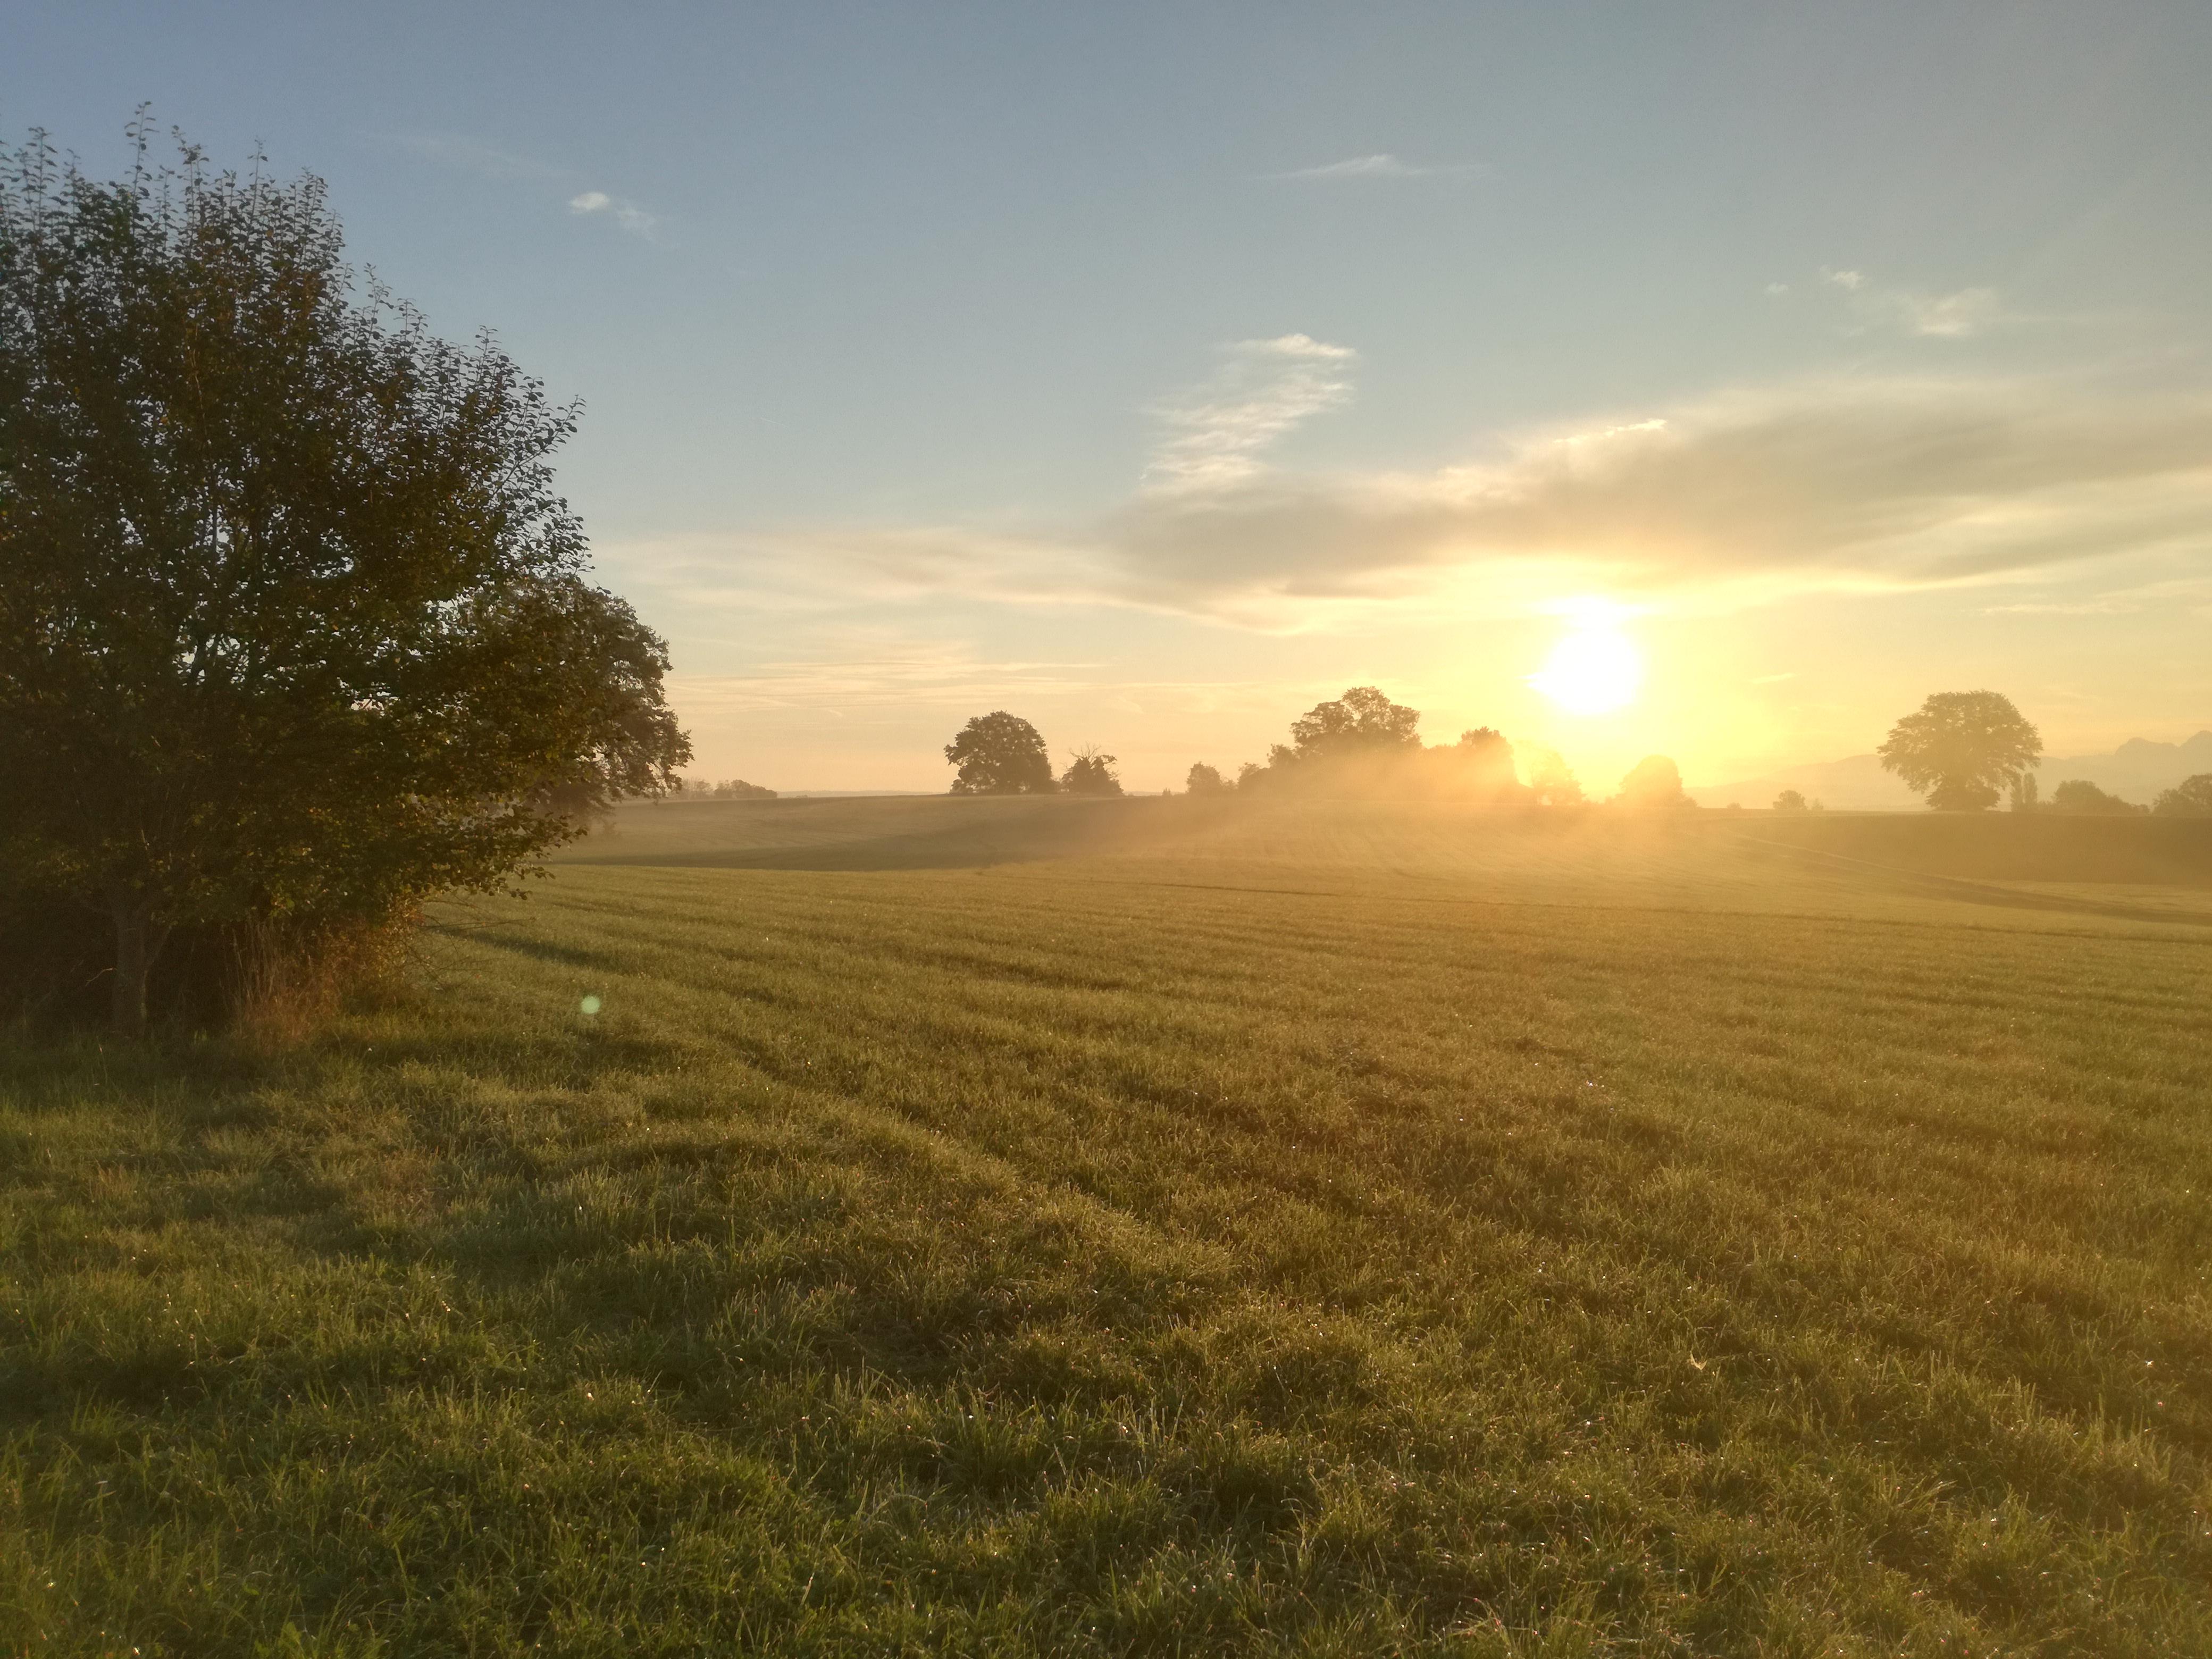 Herbststimmung am Morgen